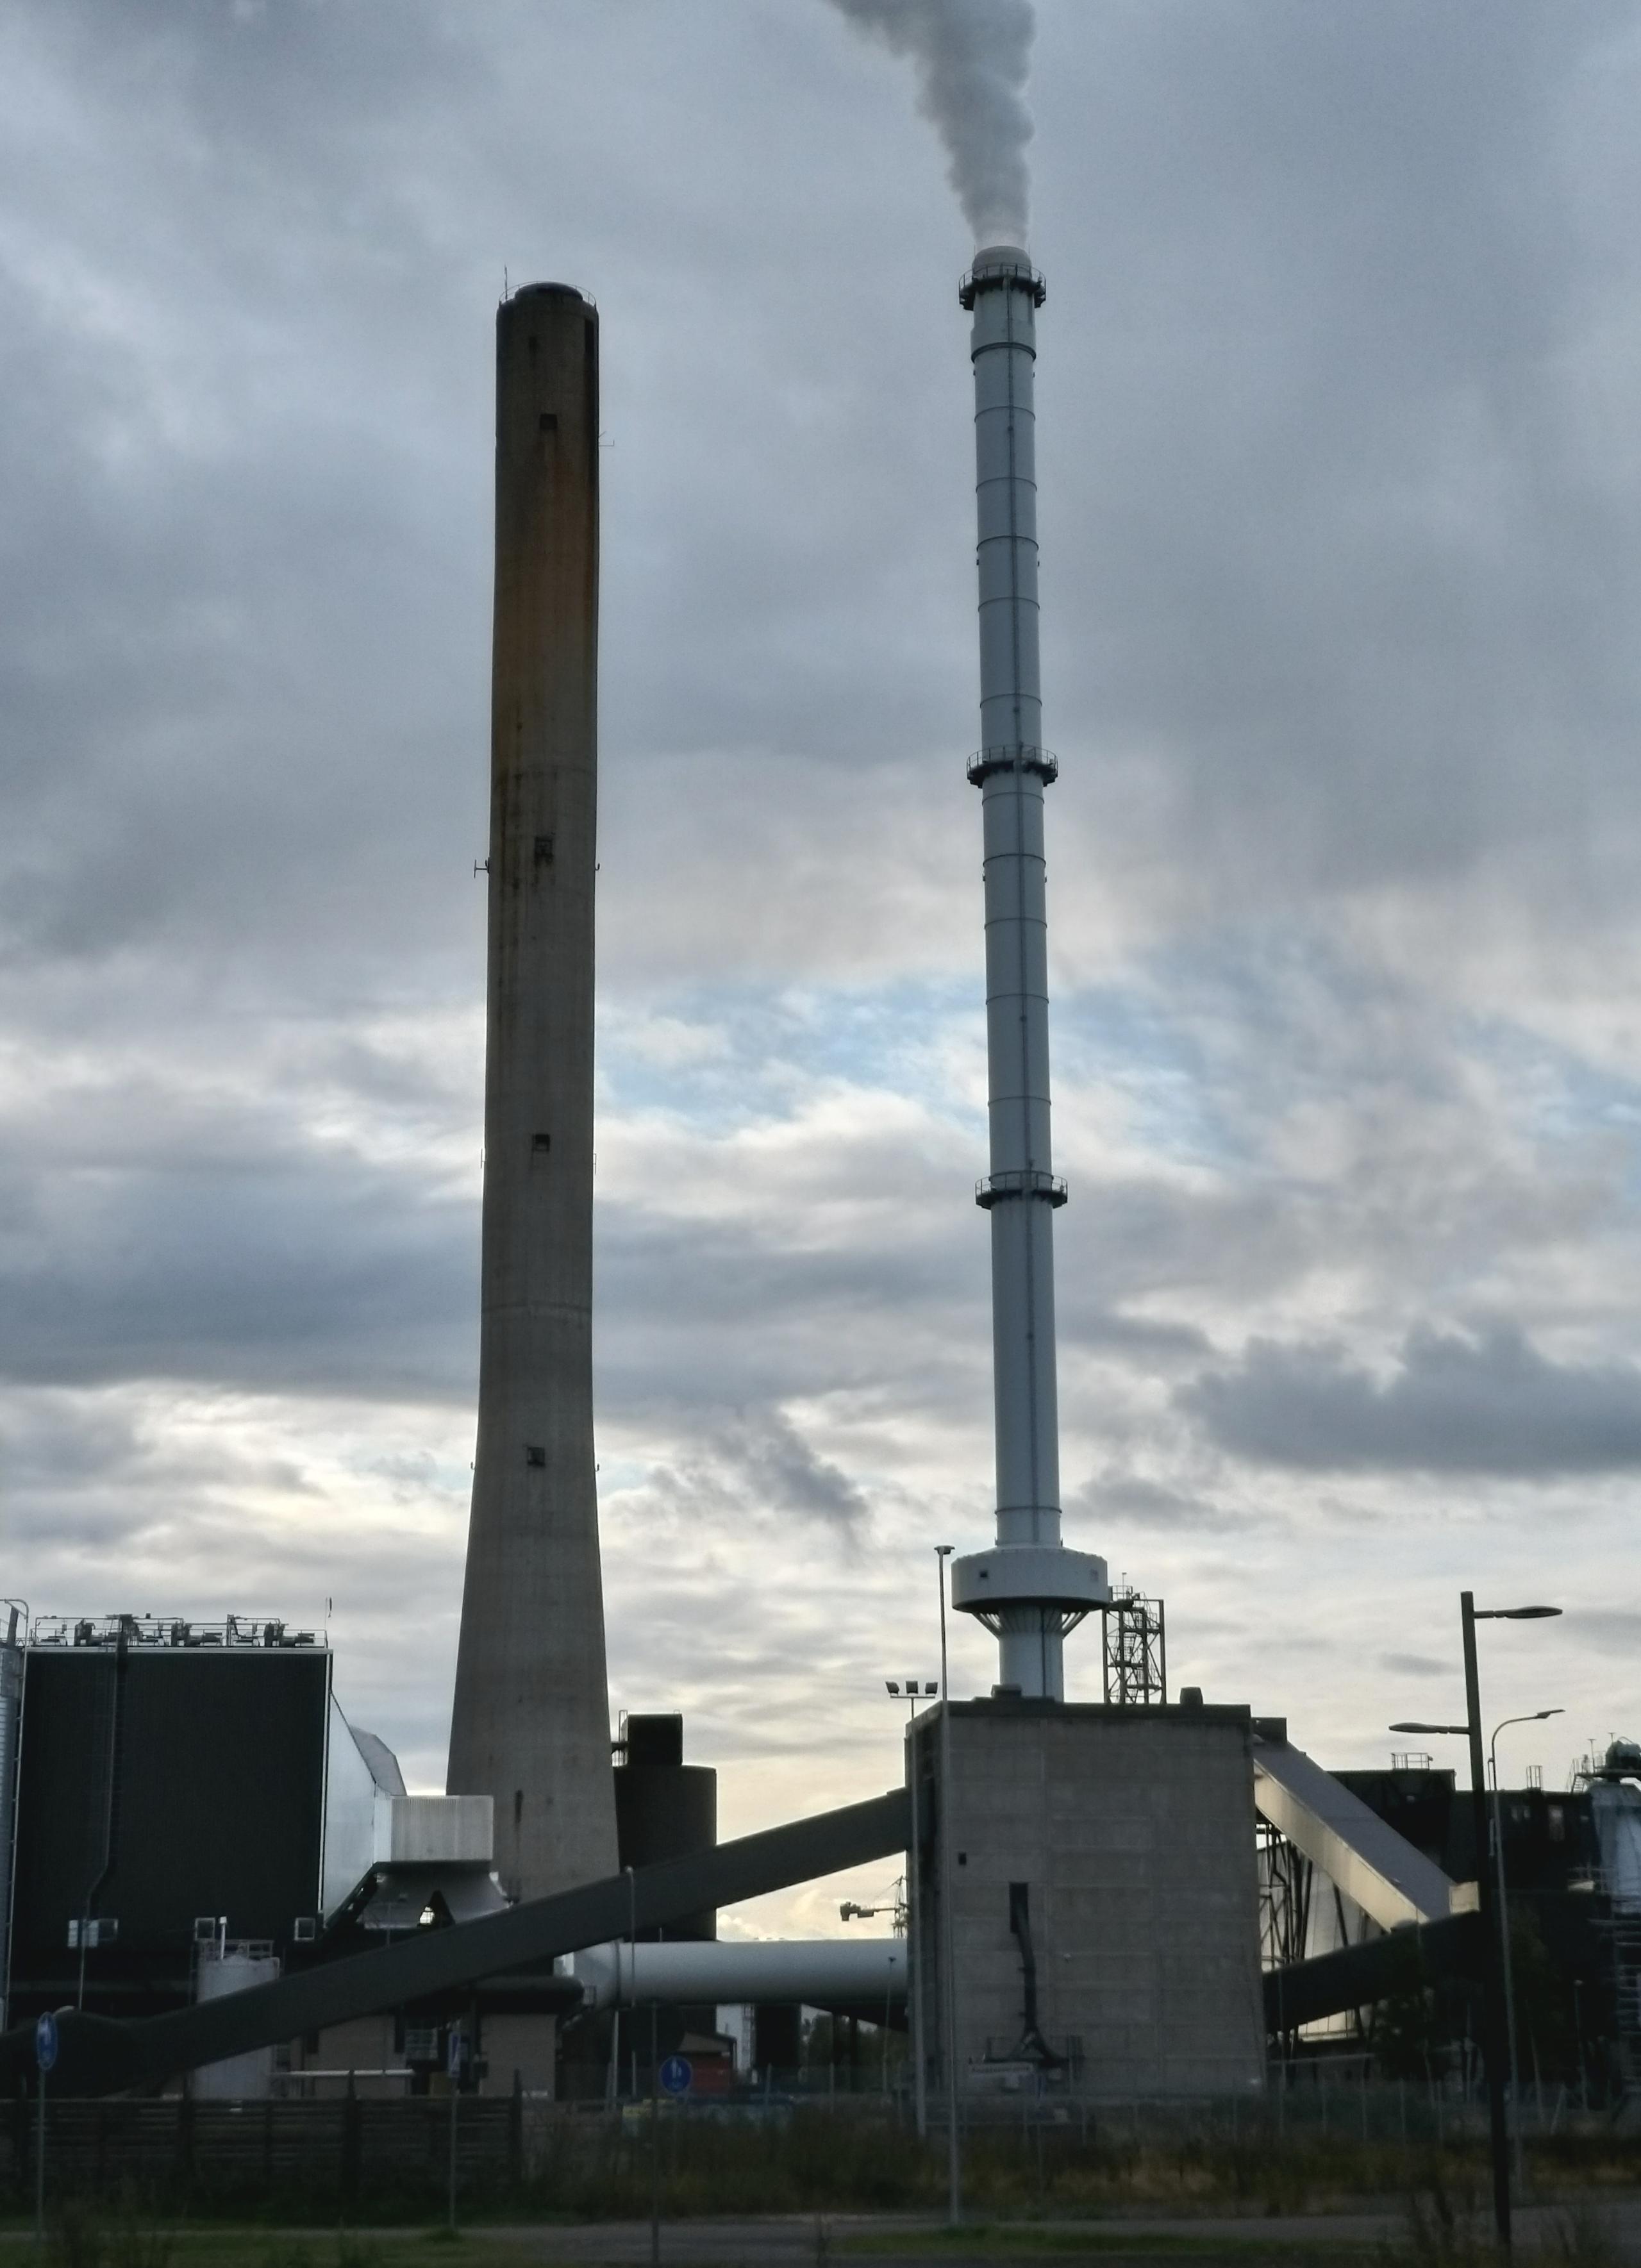 Toppilan voimalaitoksen (Toppila 1) piiput maantasolta kuvattuina, taustalla pilviä